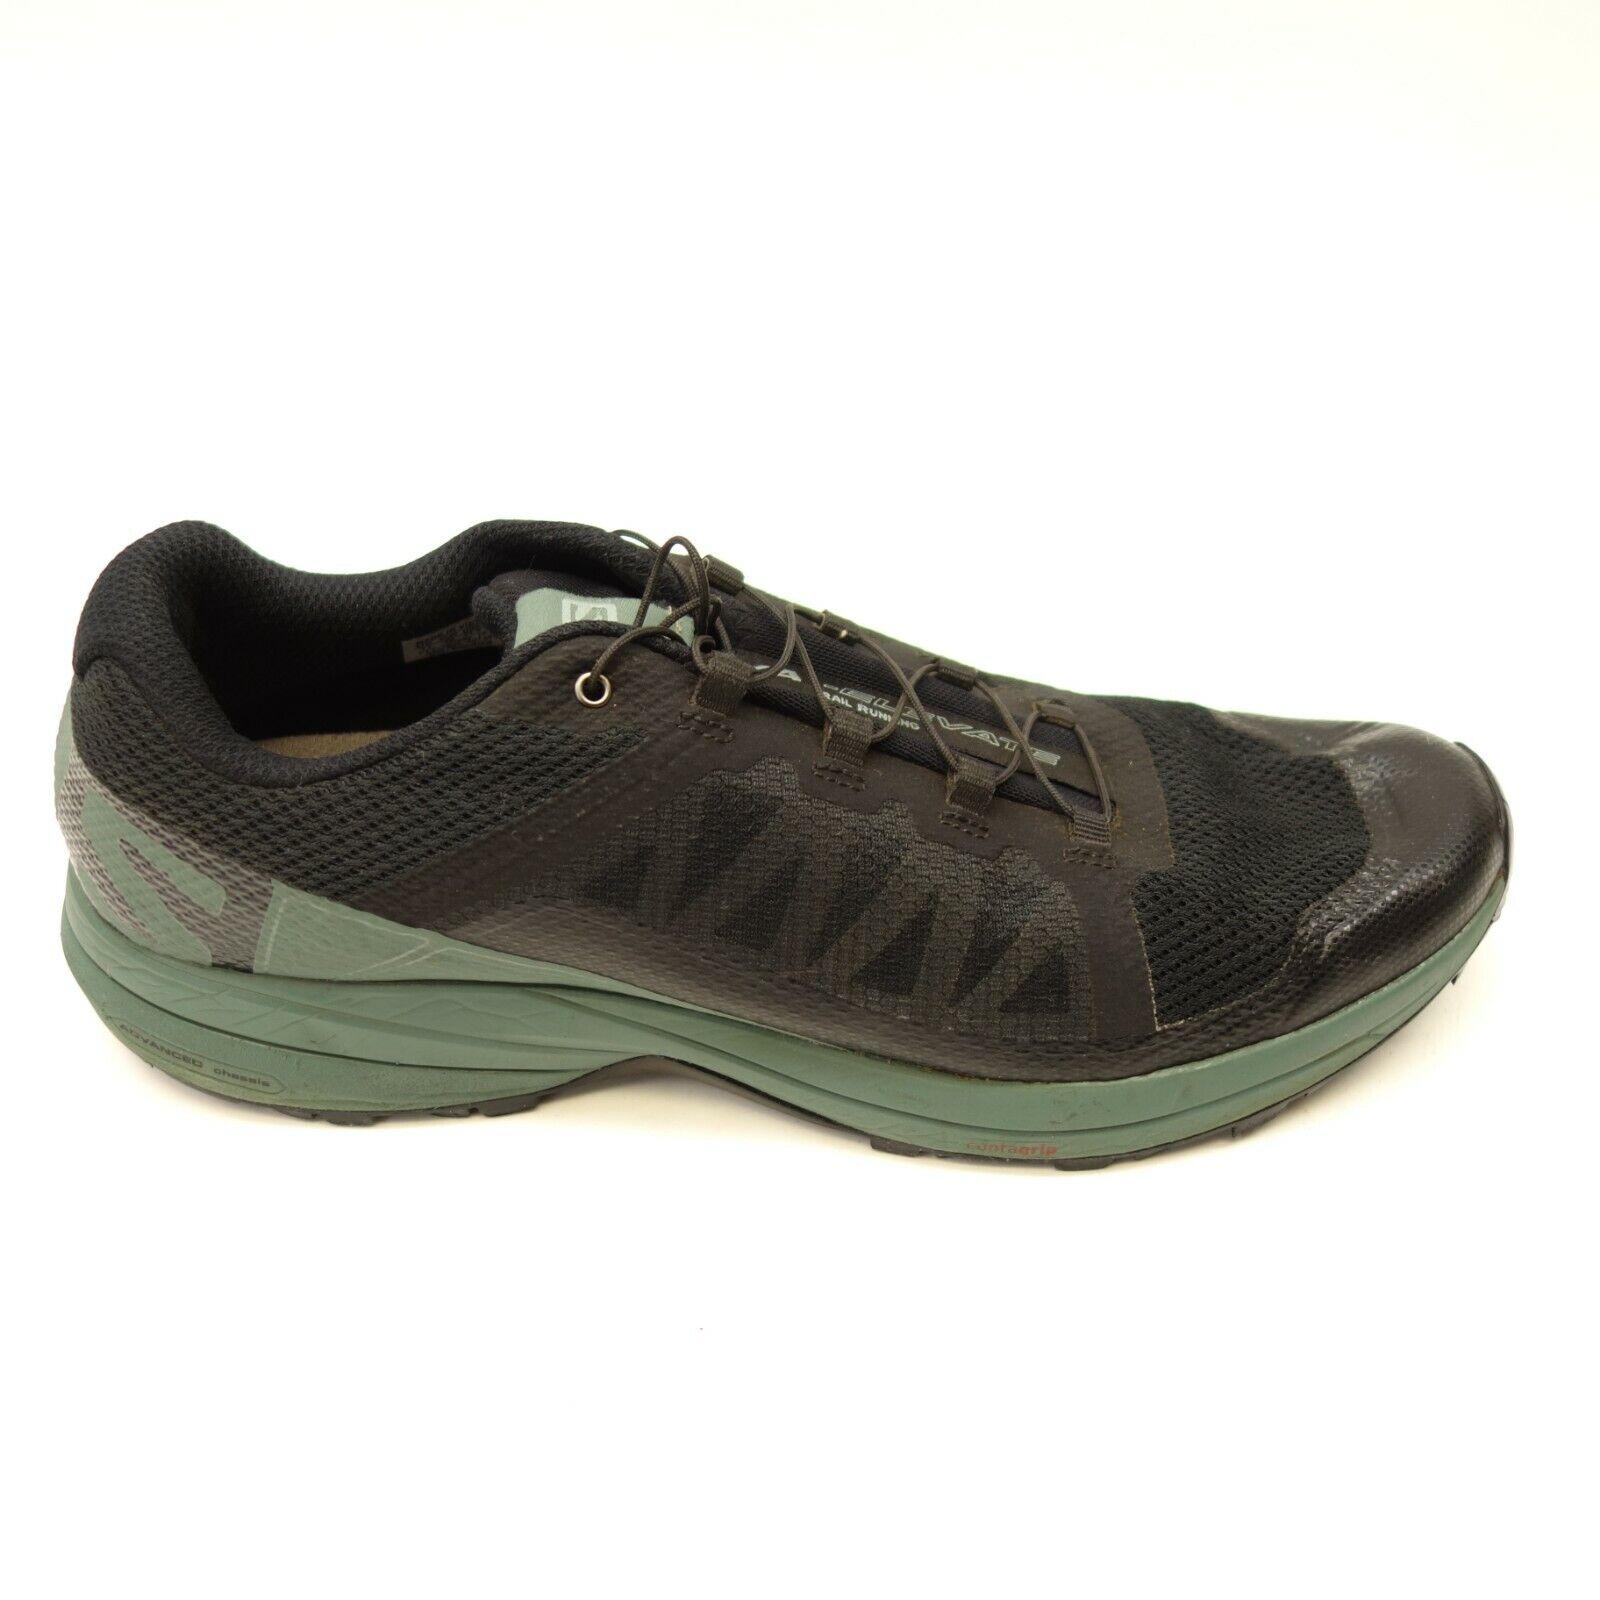 Salomon Herren Xa Elevate Traillauf Athletic Wandern Mountain Schuhe Sz 11.5